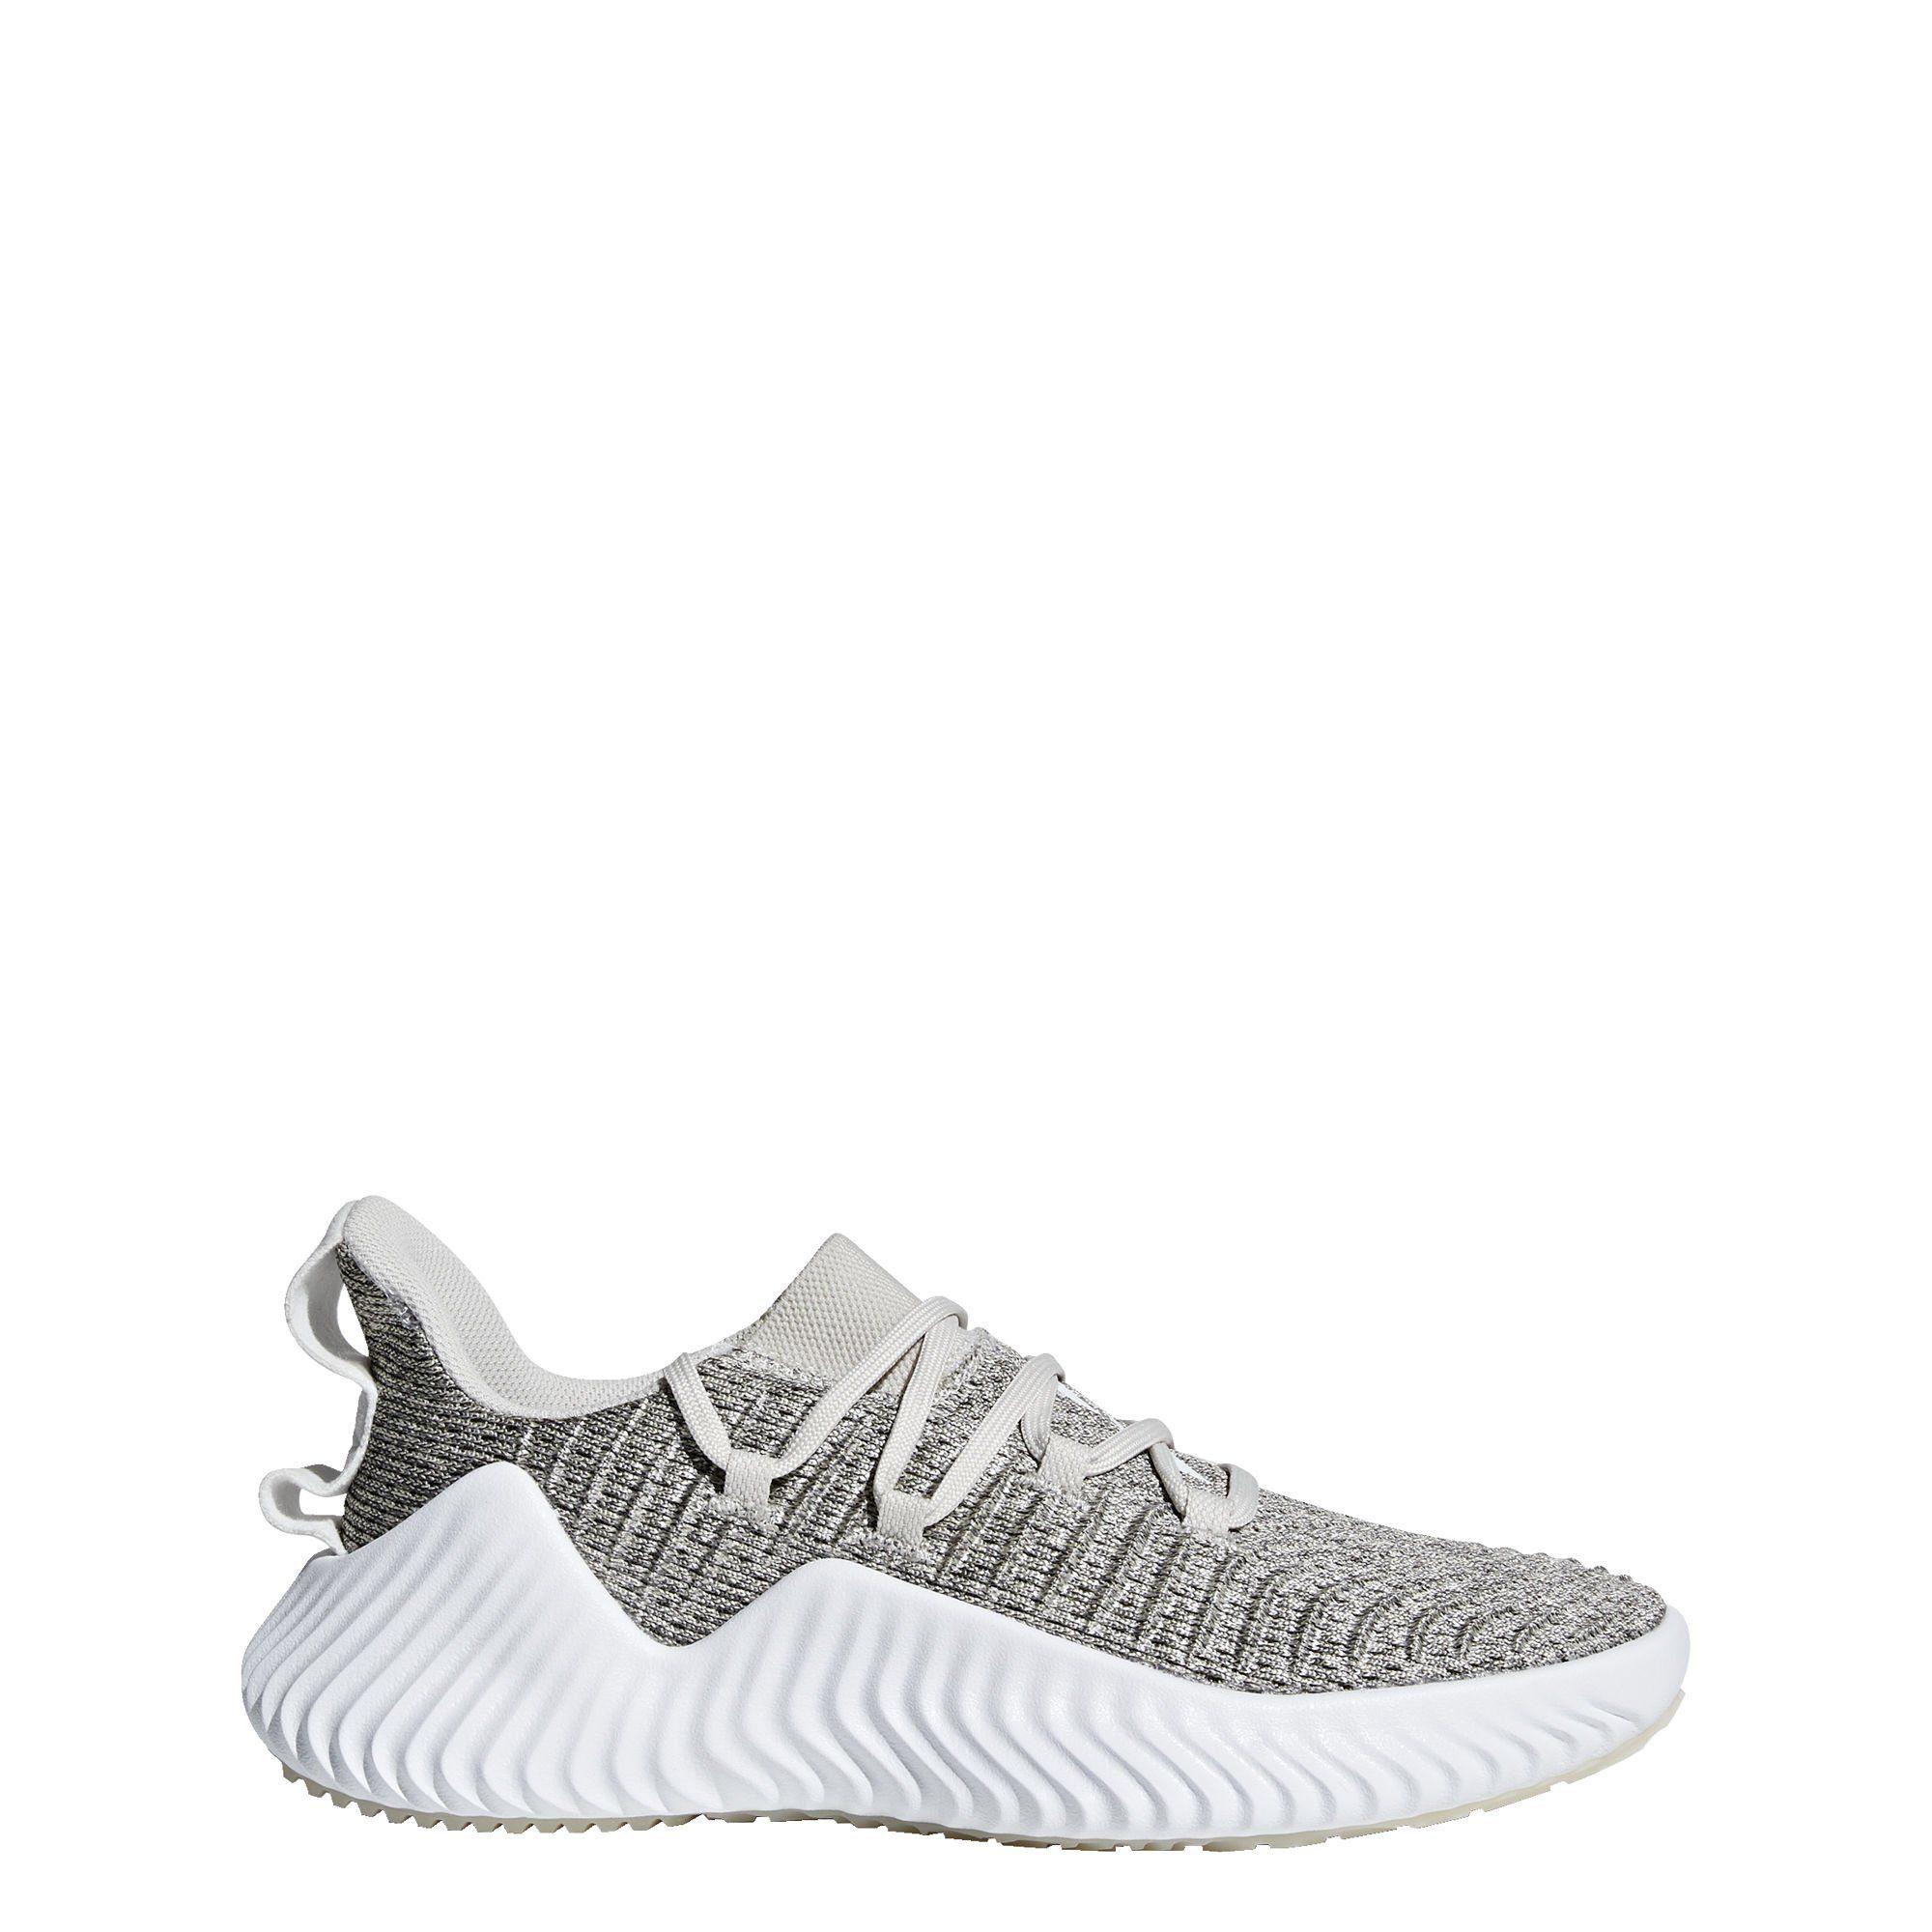 adidas Performance »Alphabounce Schuh« Outdoorschuh Outdoorschuh online kaufen   OTTO